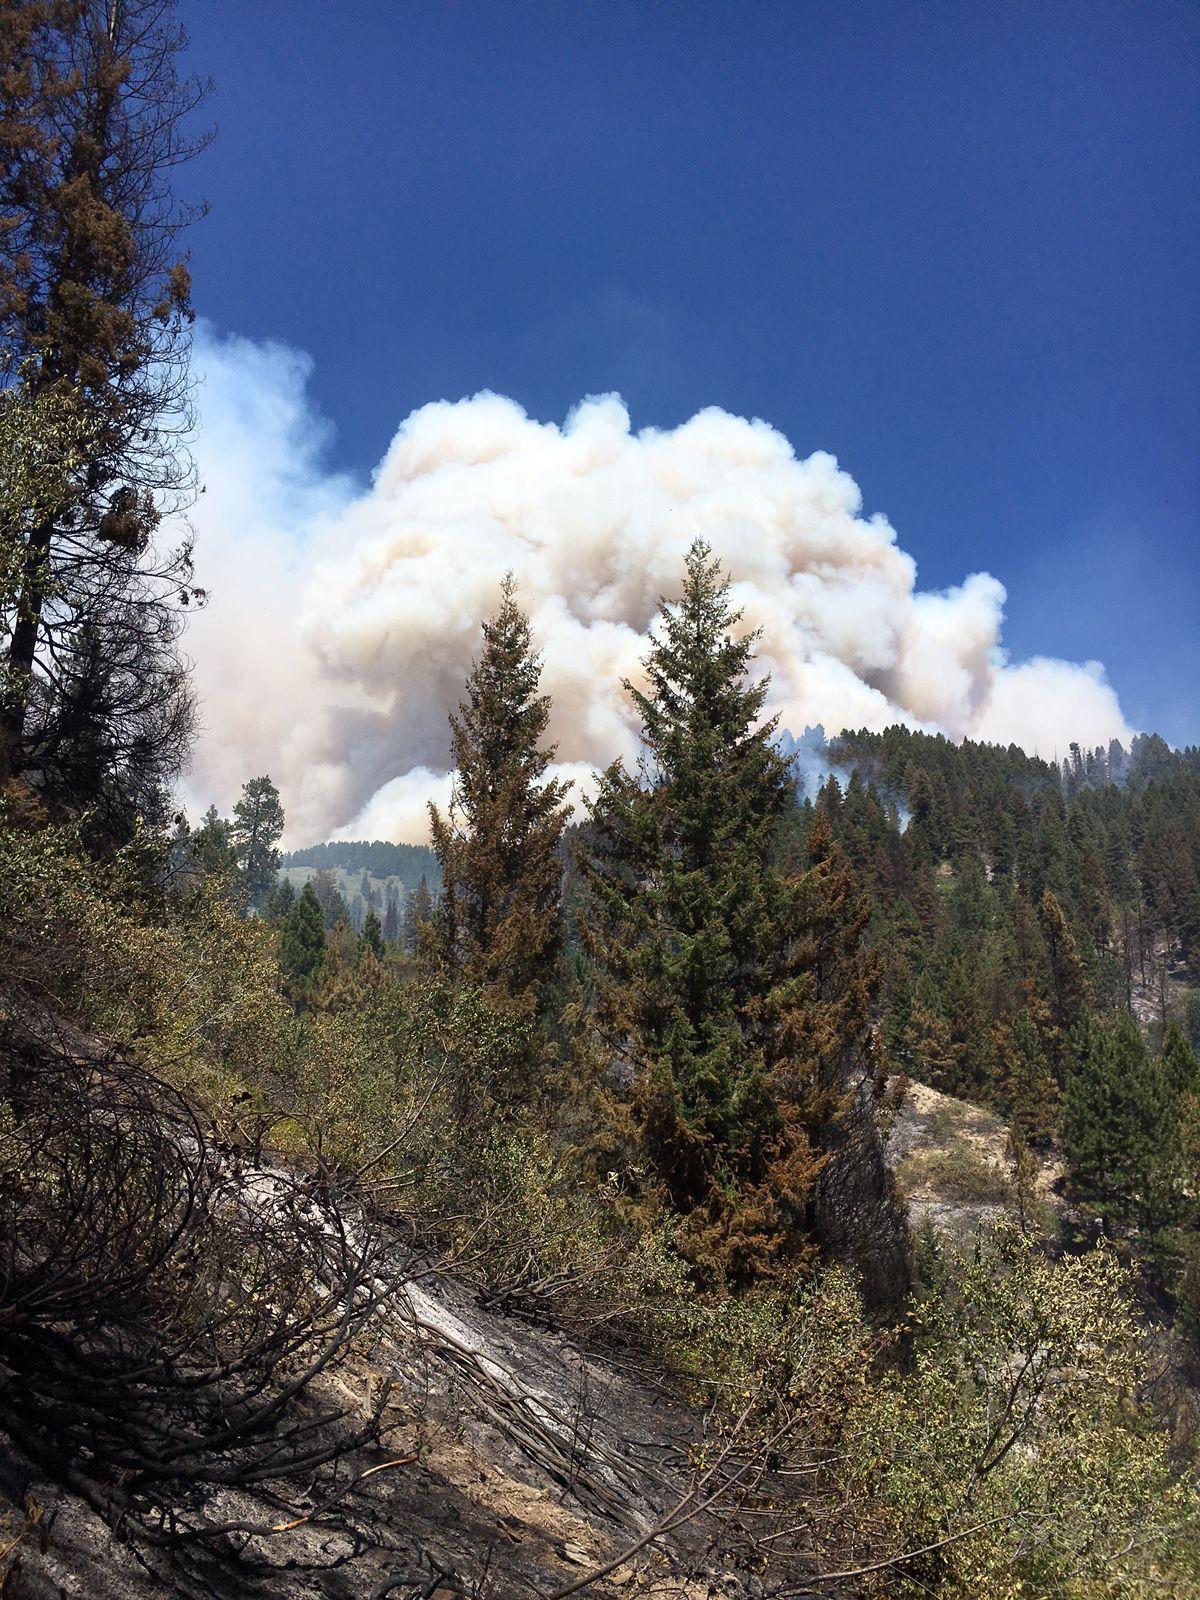 Wildfire burning southwest Idaho